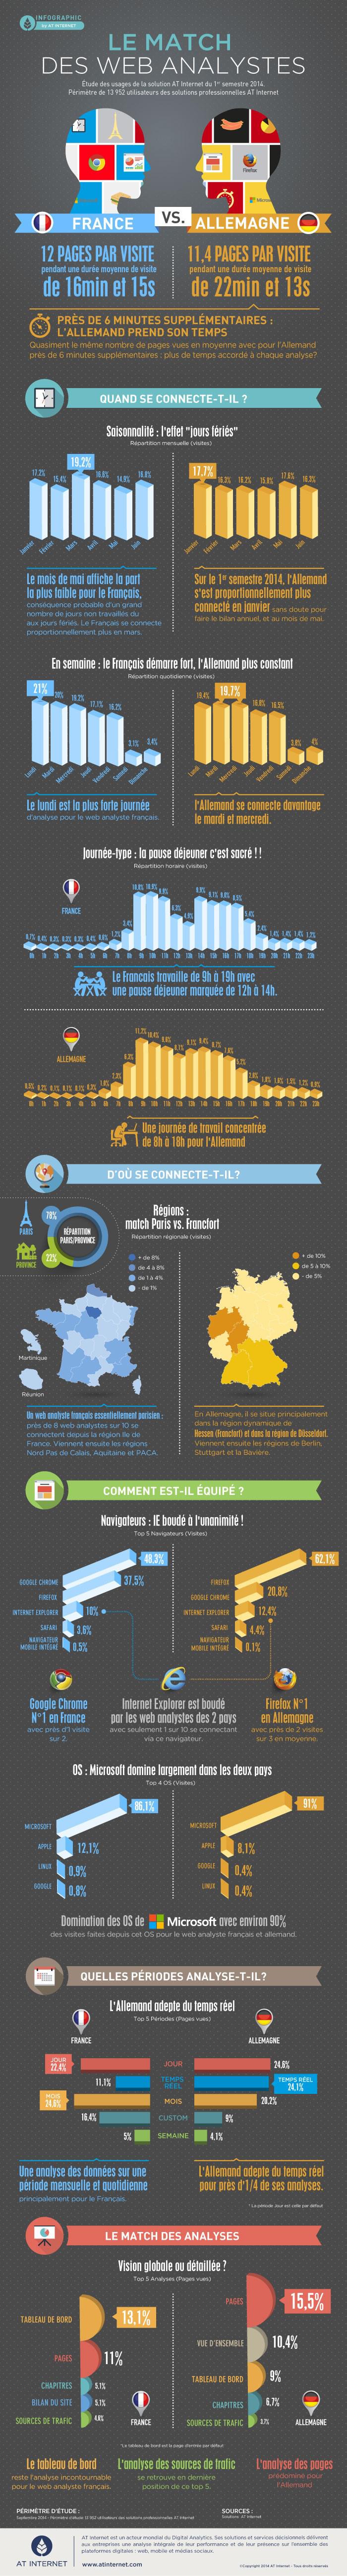 Infographie France vs Allemagne Le match des Web Analystes